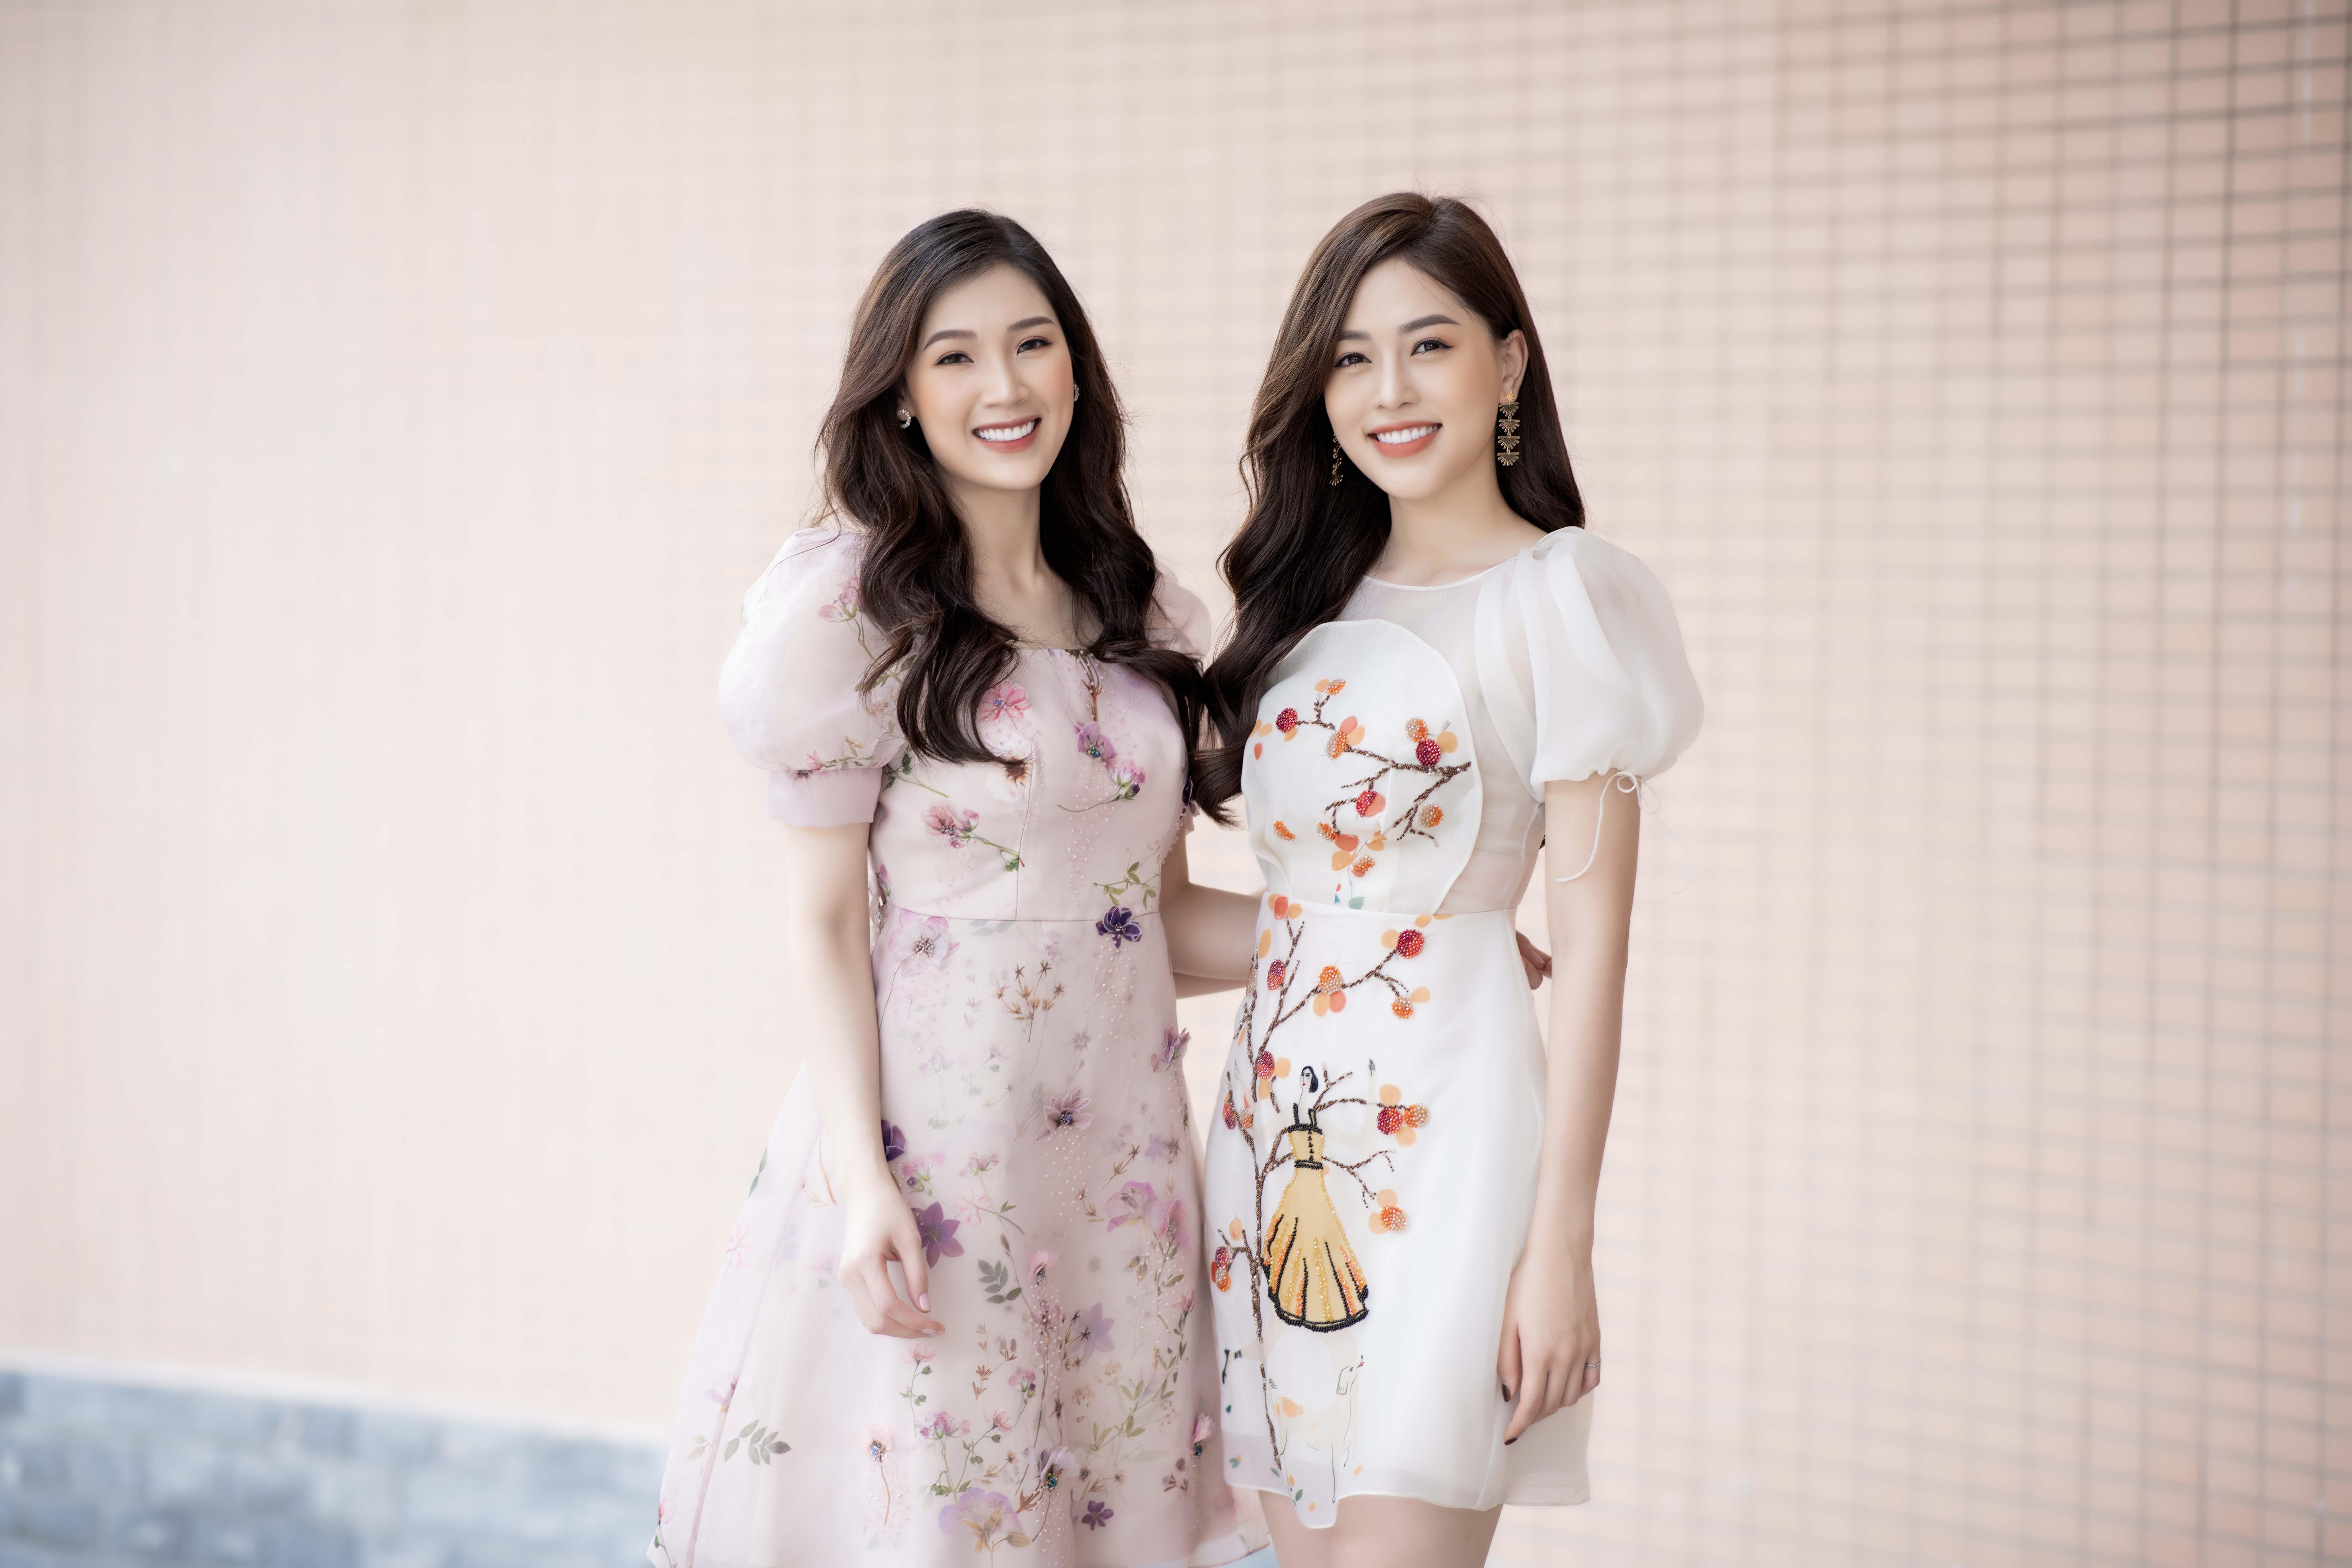 Á hậu Phương Nga khoe 'vẻ đẹp vạn người mê' đi sự kiện tại Hà Nội 4